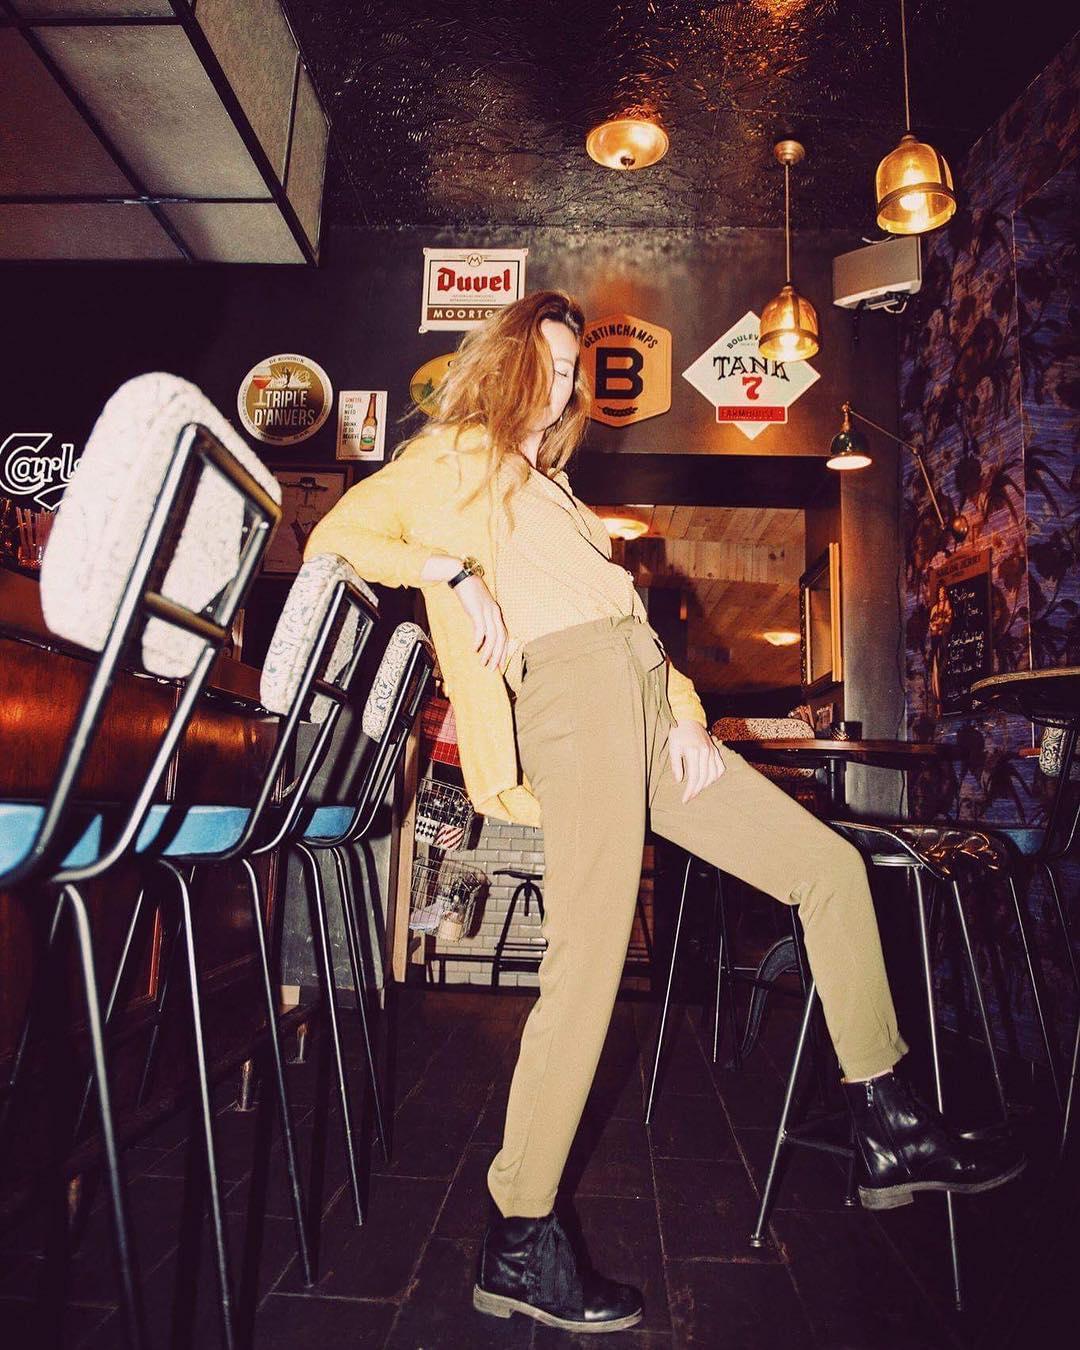 pantalon boutton d